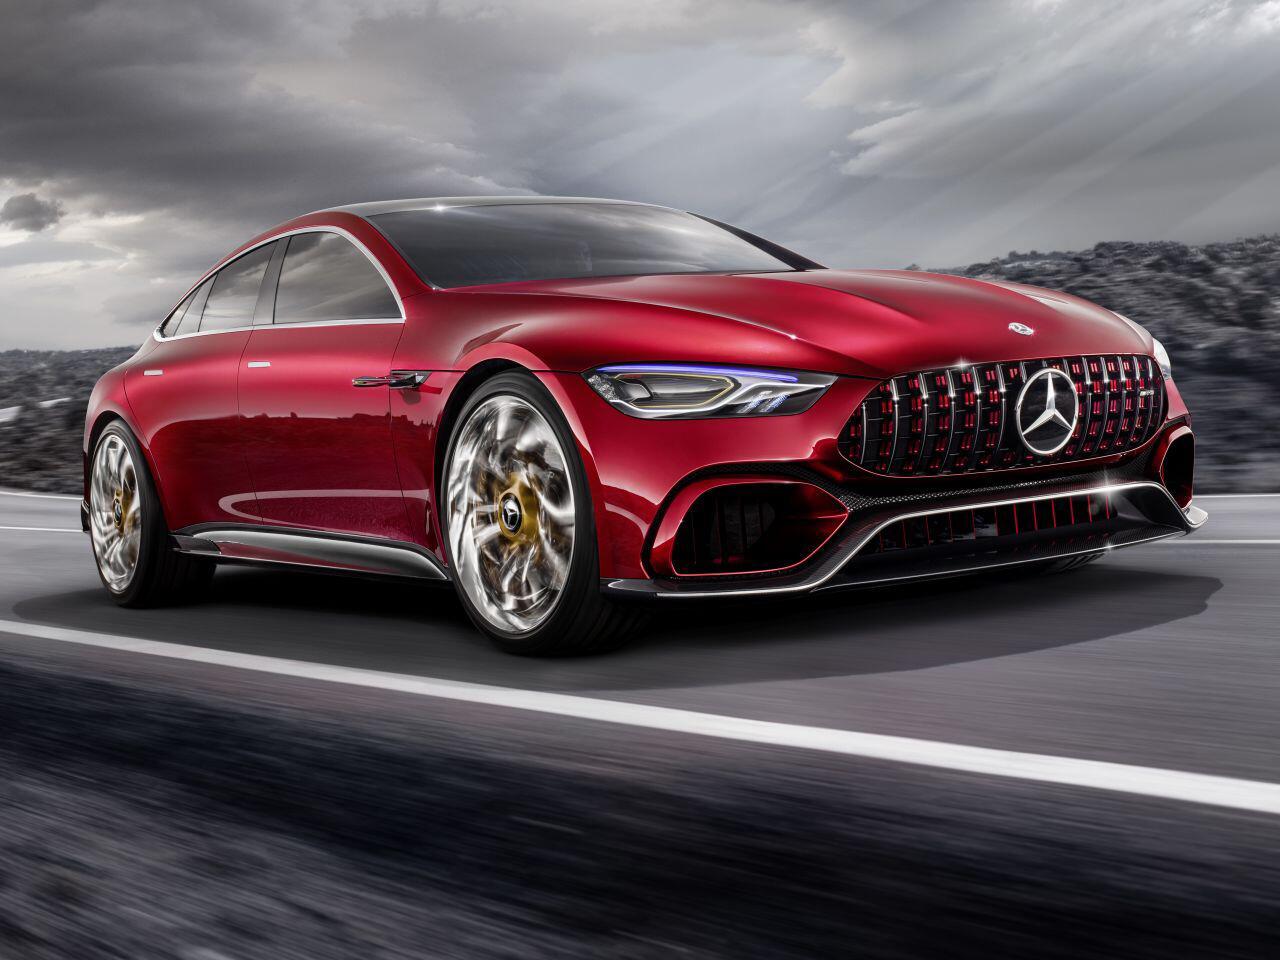 Bild zu Luxusschlitten 2018: Diese edlen Autos kommen dieses Jahr in den Handel